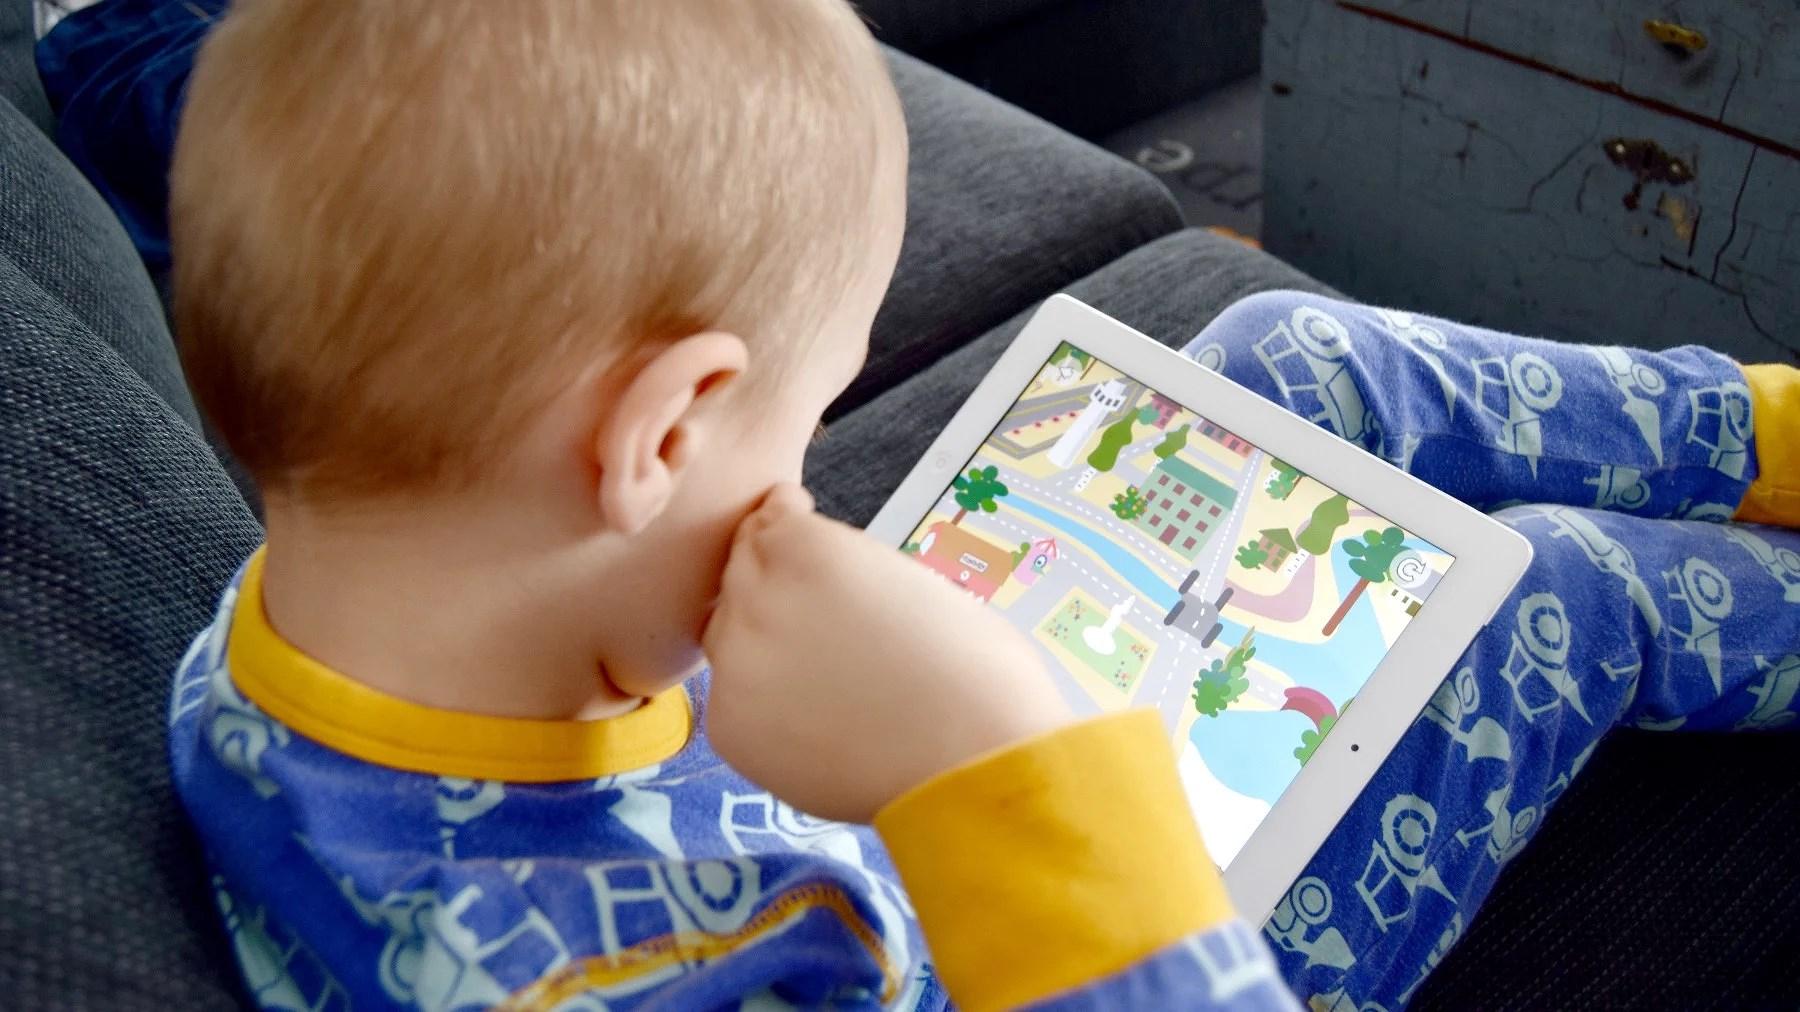 SPRÅKA MERA - Appar för språkträning!